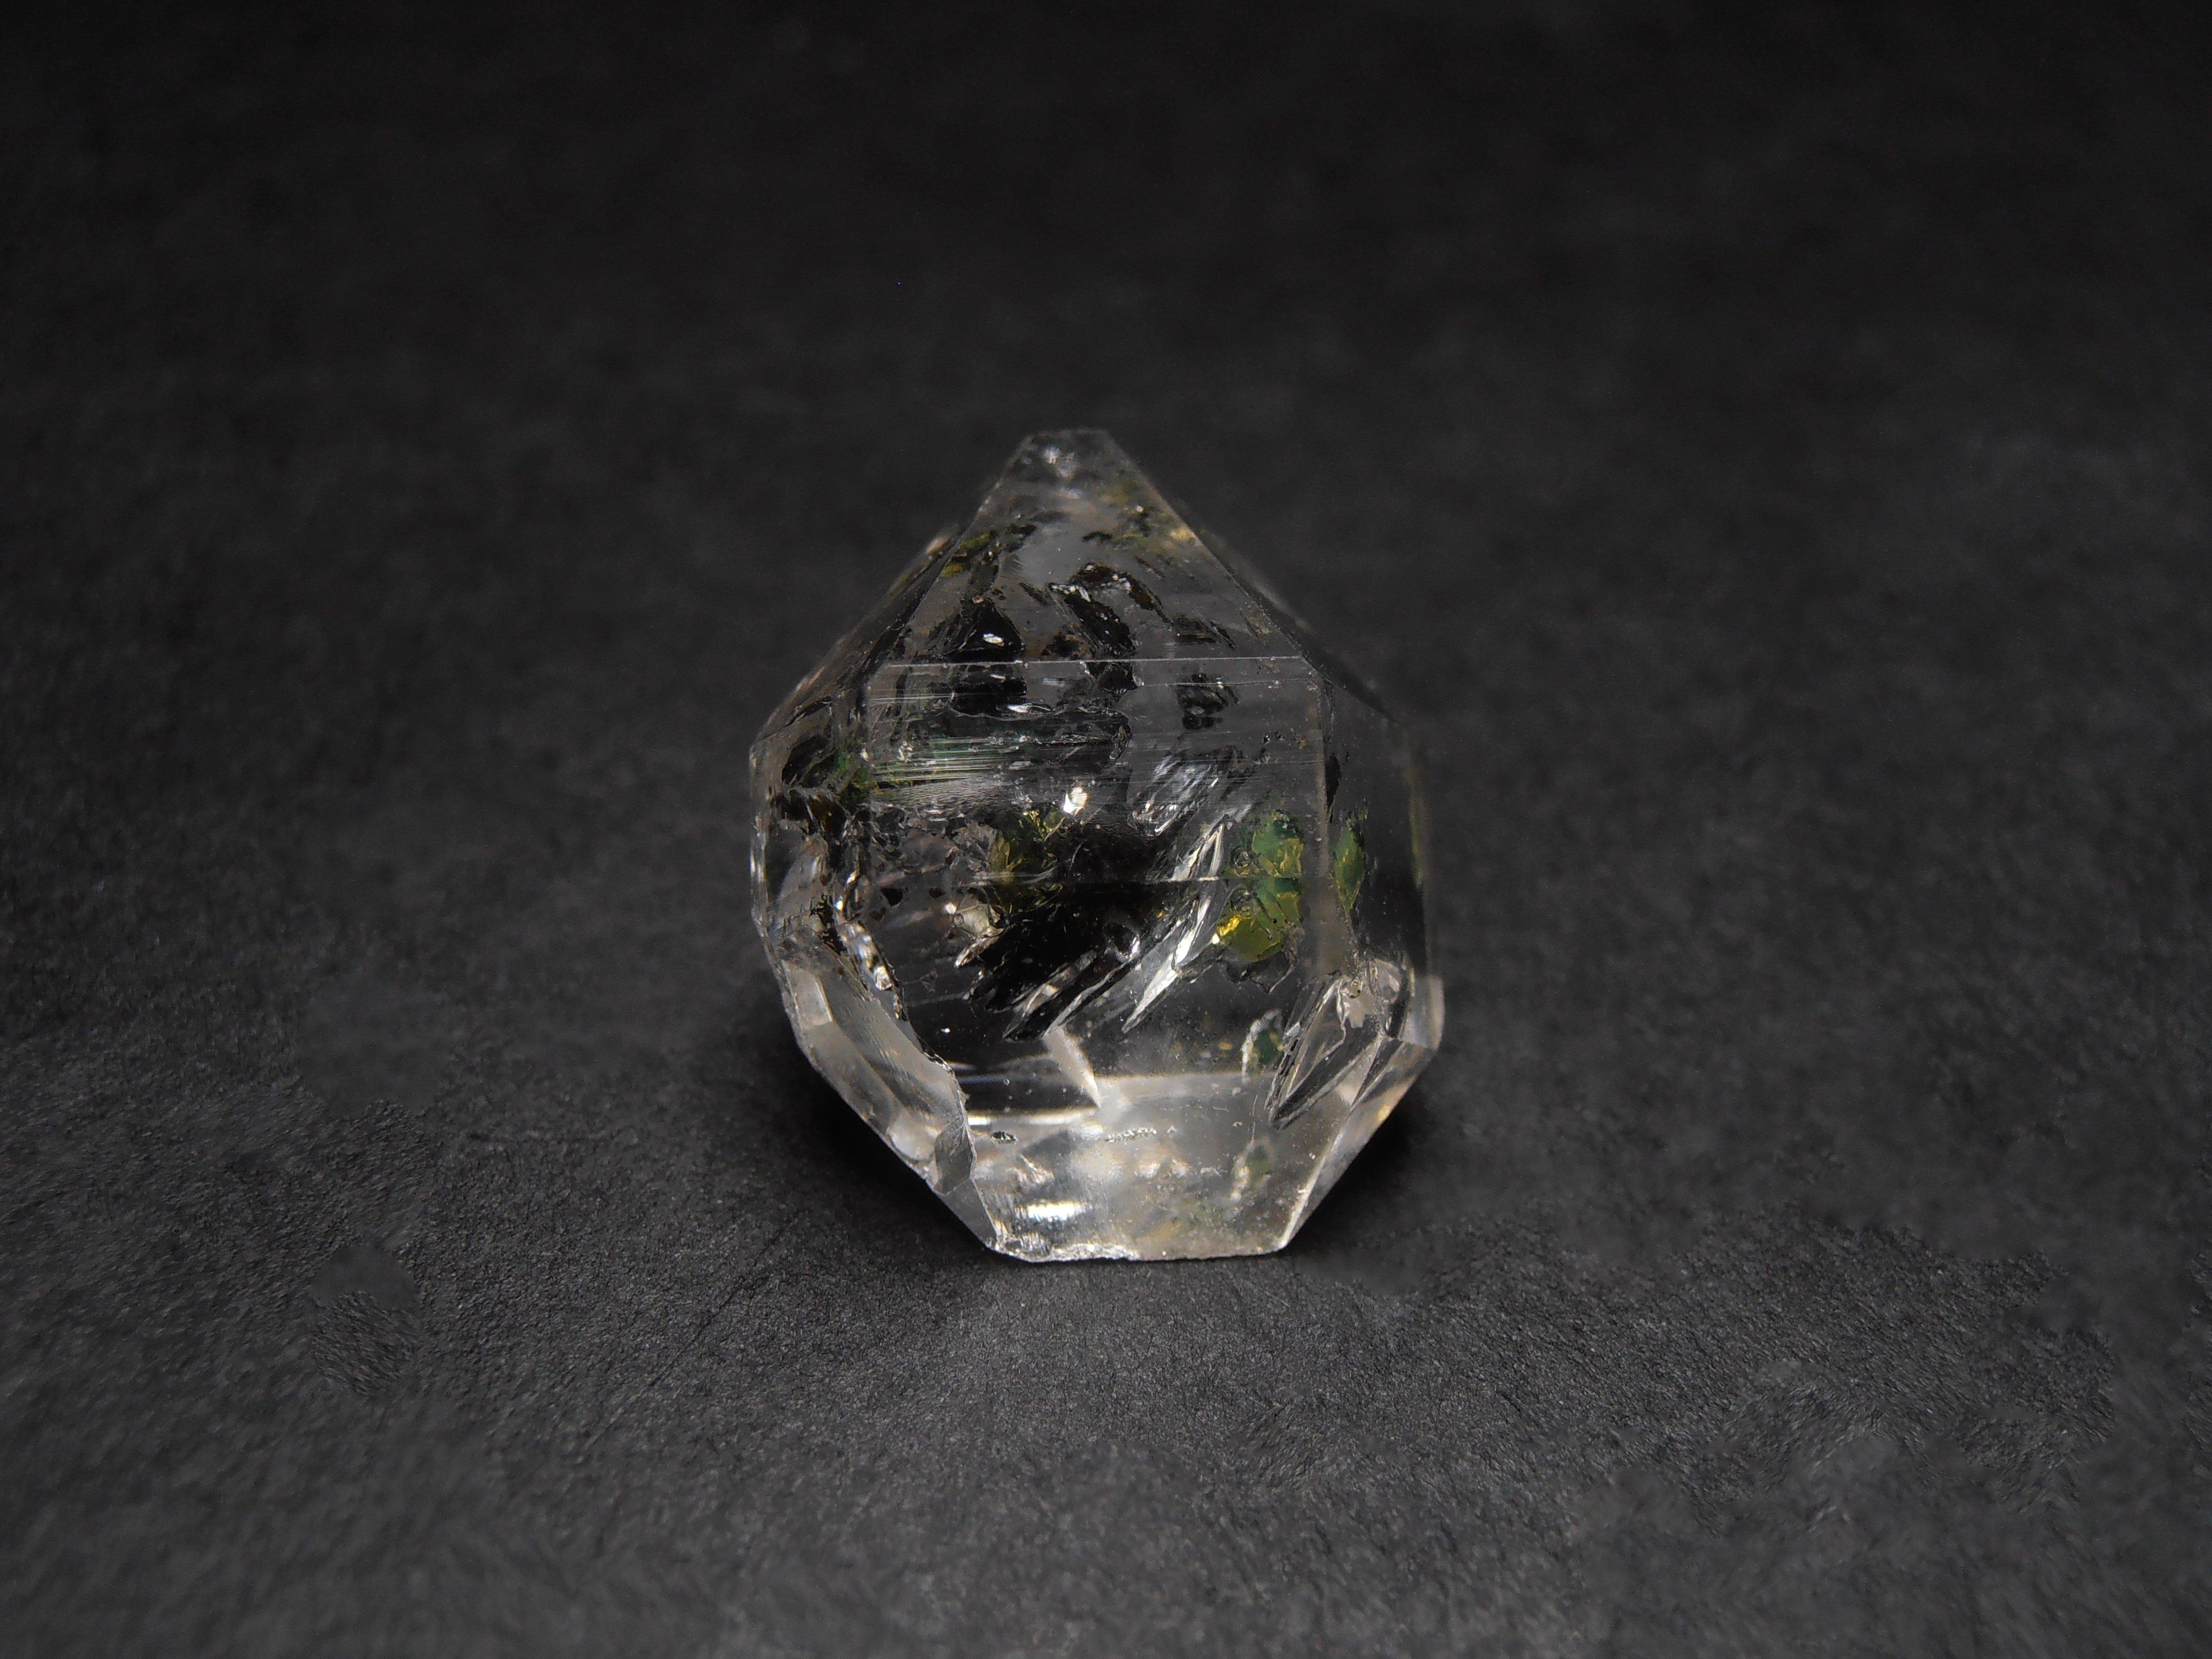 quartz with oil inclusions